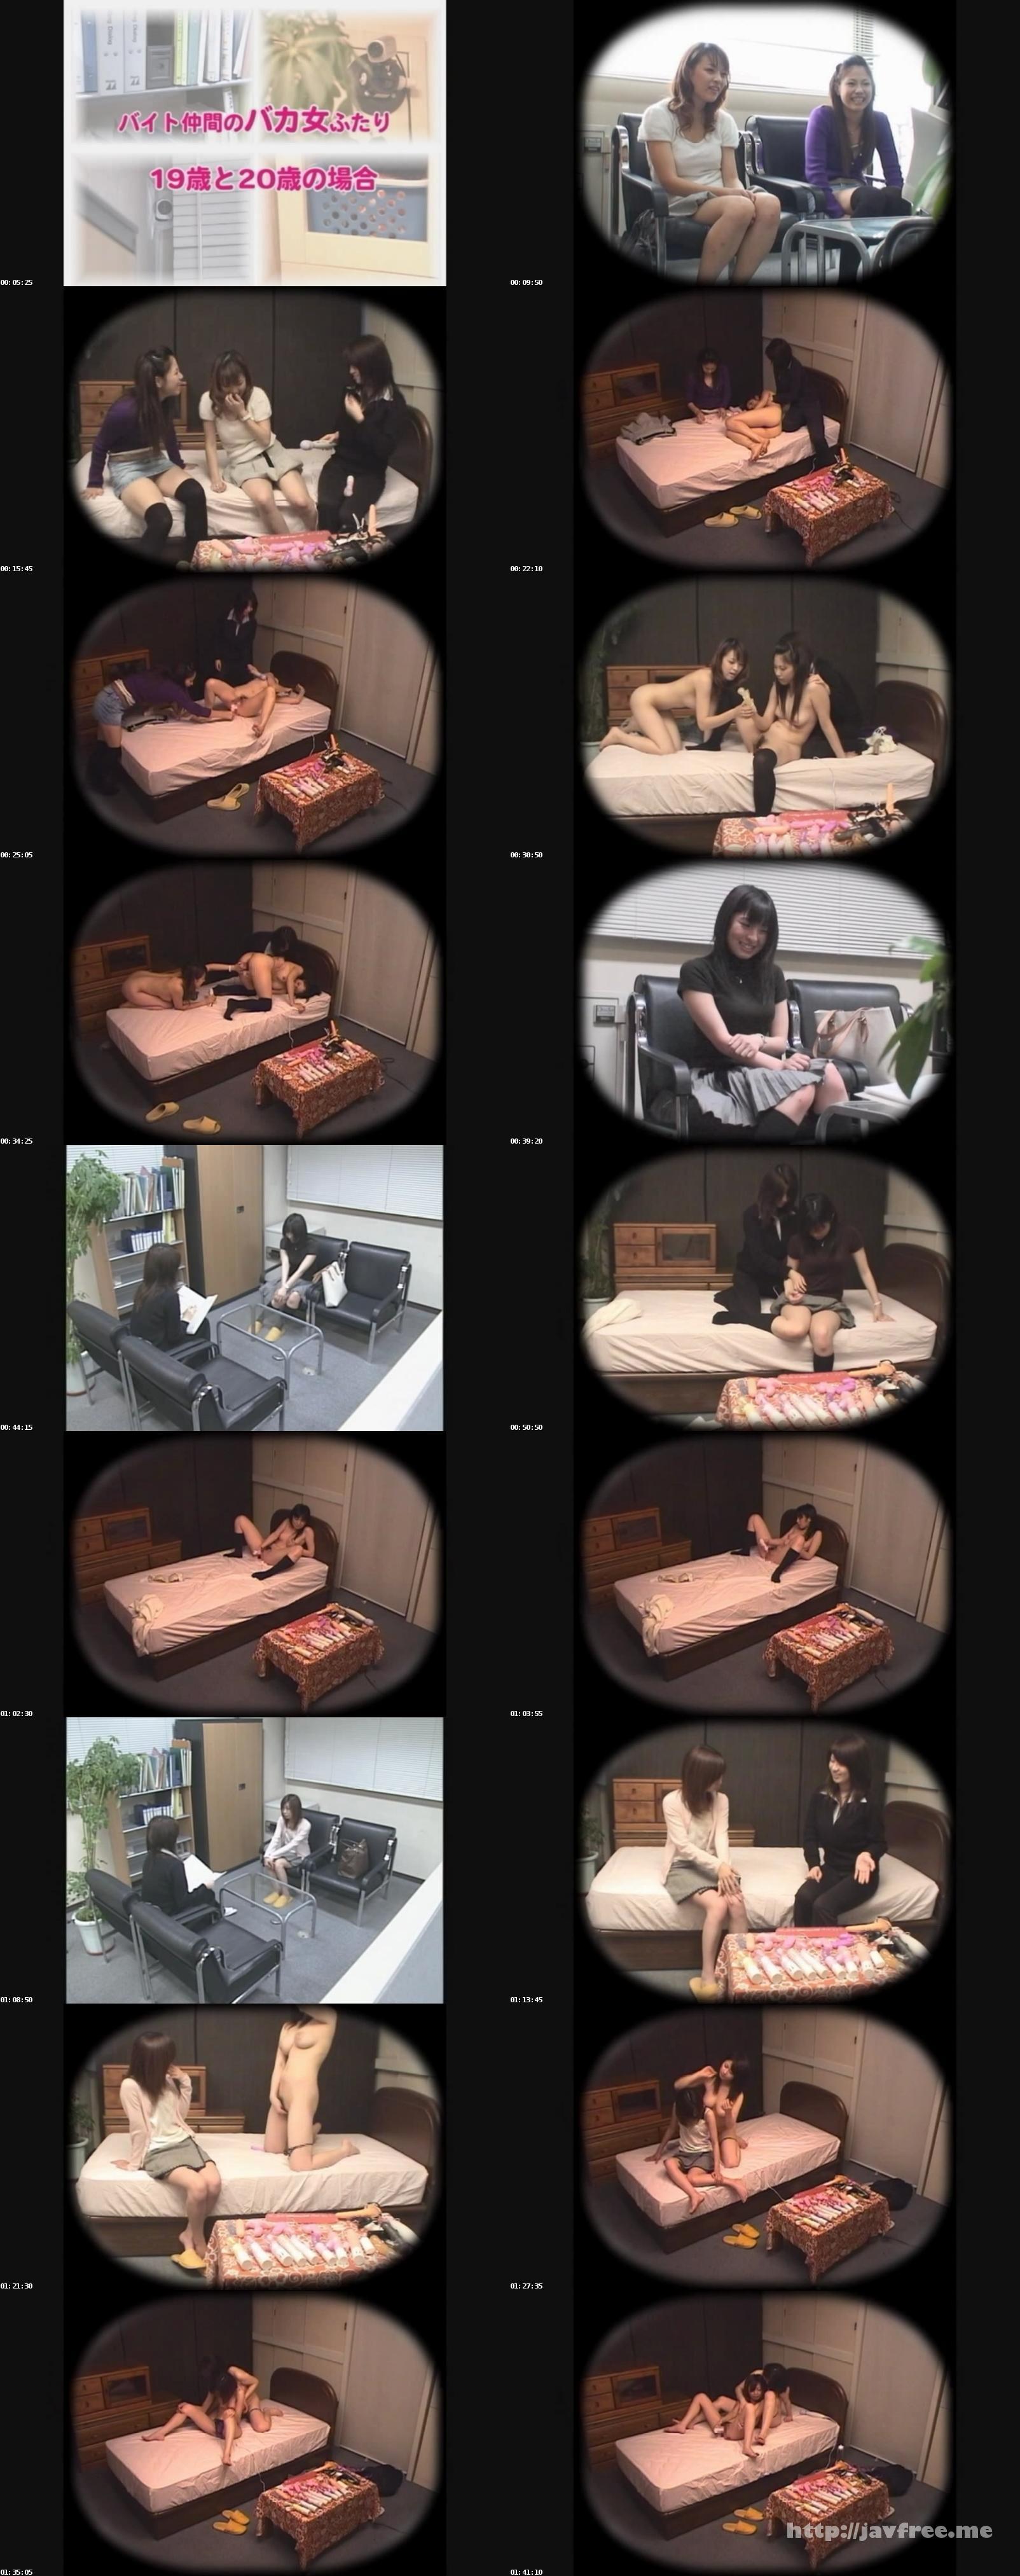 [BPC 013] 女AV監督の素人レズナンパ盗撮 初めてのアダルトグッズモニター!超イキまくり!! そしてレズ体験!!! BPC